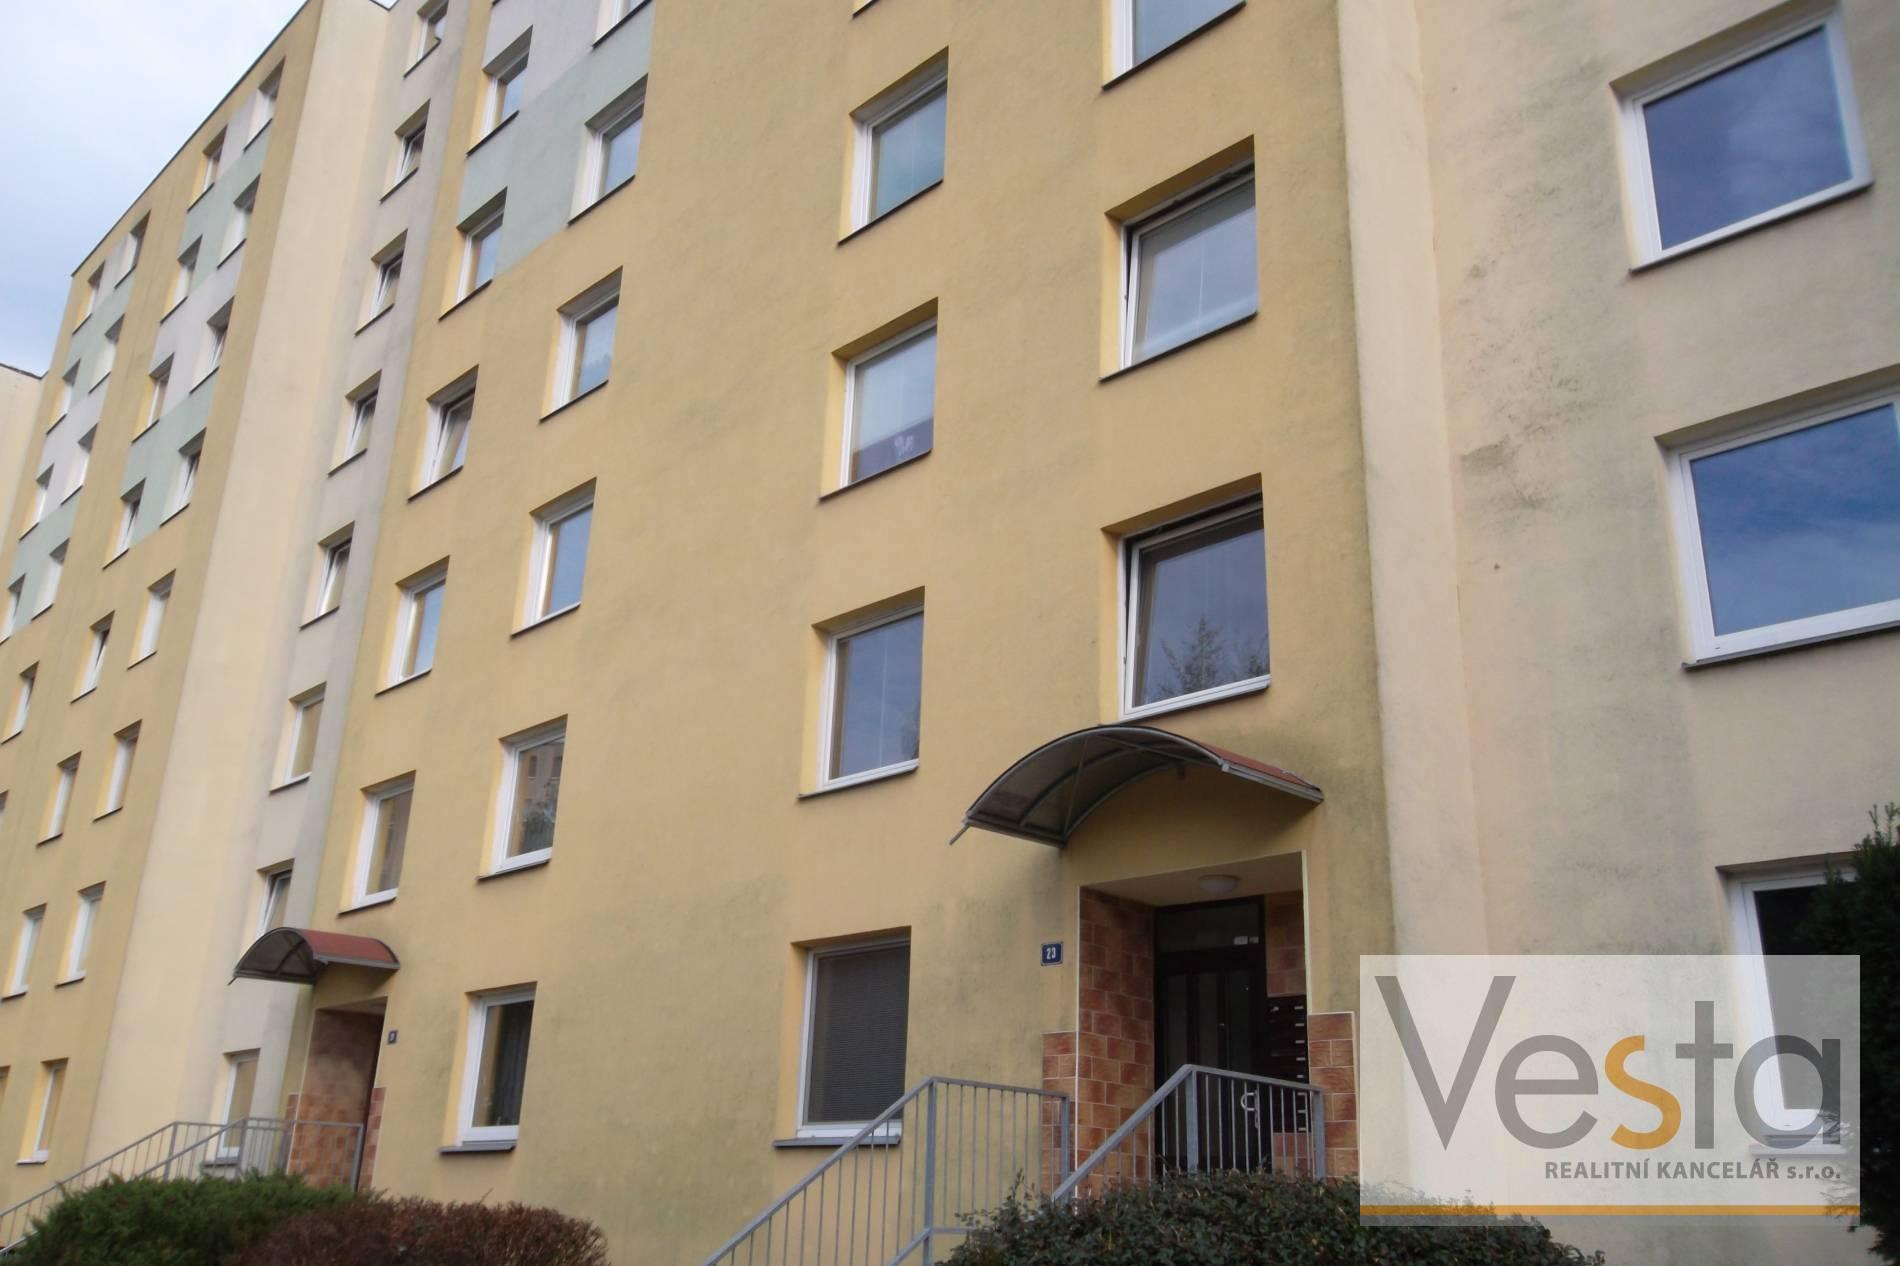 Družstevní byt 3+1 s lodžií v Krásném Březně, 71 m2